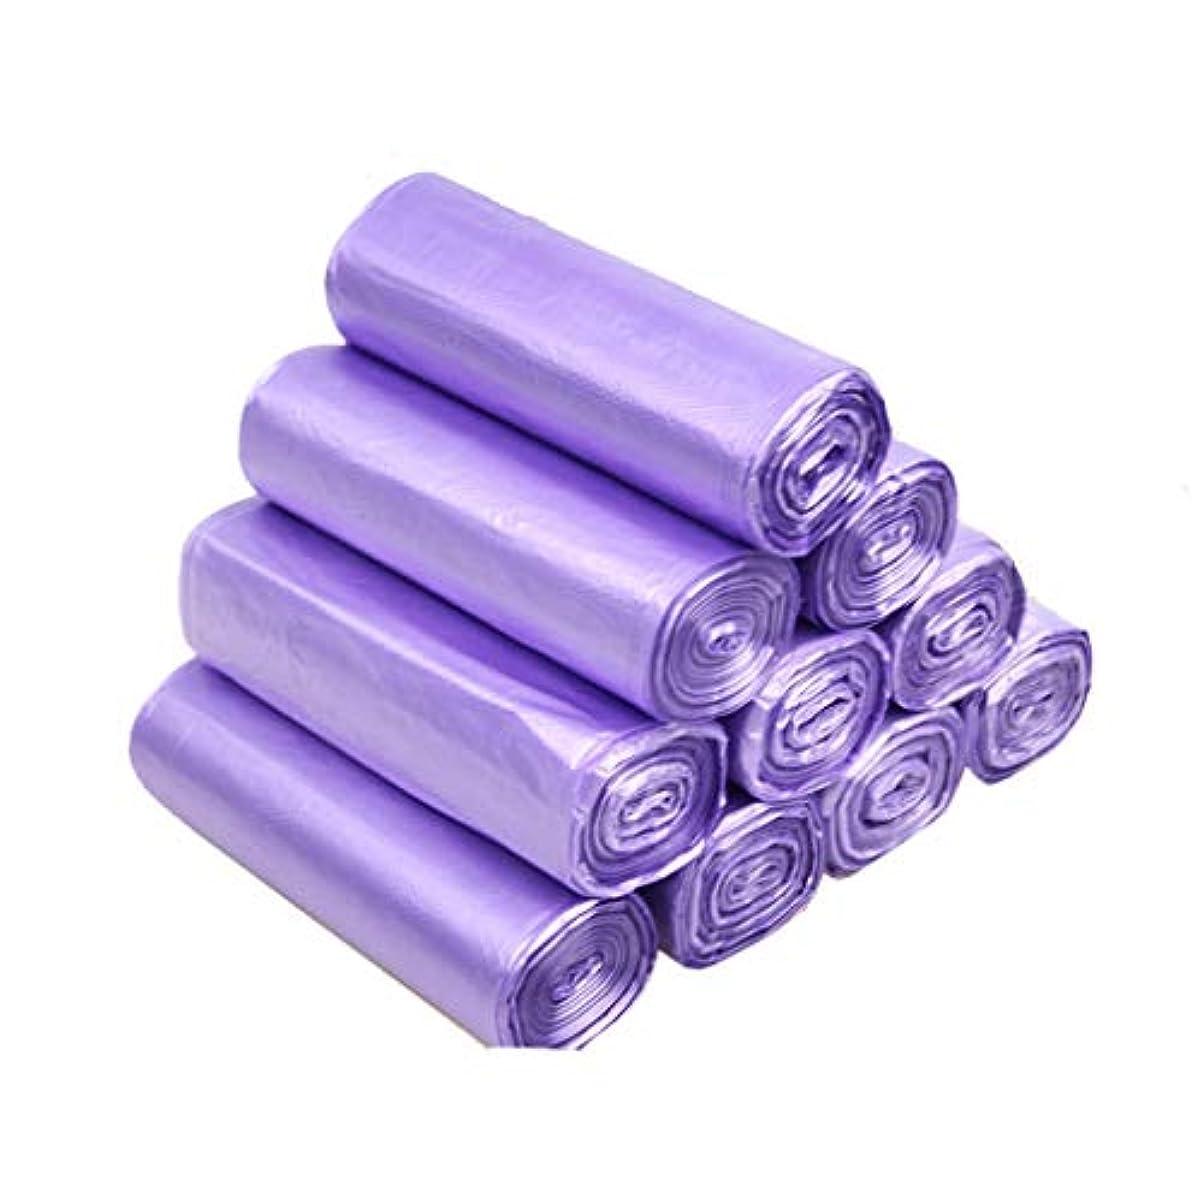 ハチ認証確立家庭用ゴミ袋ペダル袋小箱ヘビーデューティ長方形箱なしゴミ袋クロージングゴミ袋ゴミ箱ゴミ袋PE食品ゴミ袋ゴミ袋(サイズ:45×50cm) (サイズ さいず : 10 rolls of incense 200 bags)